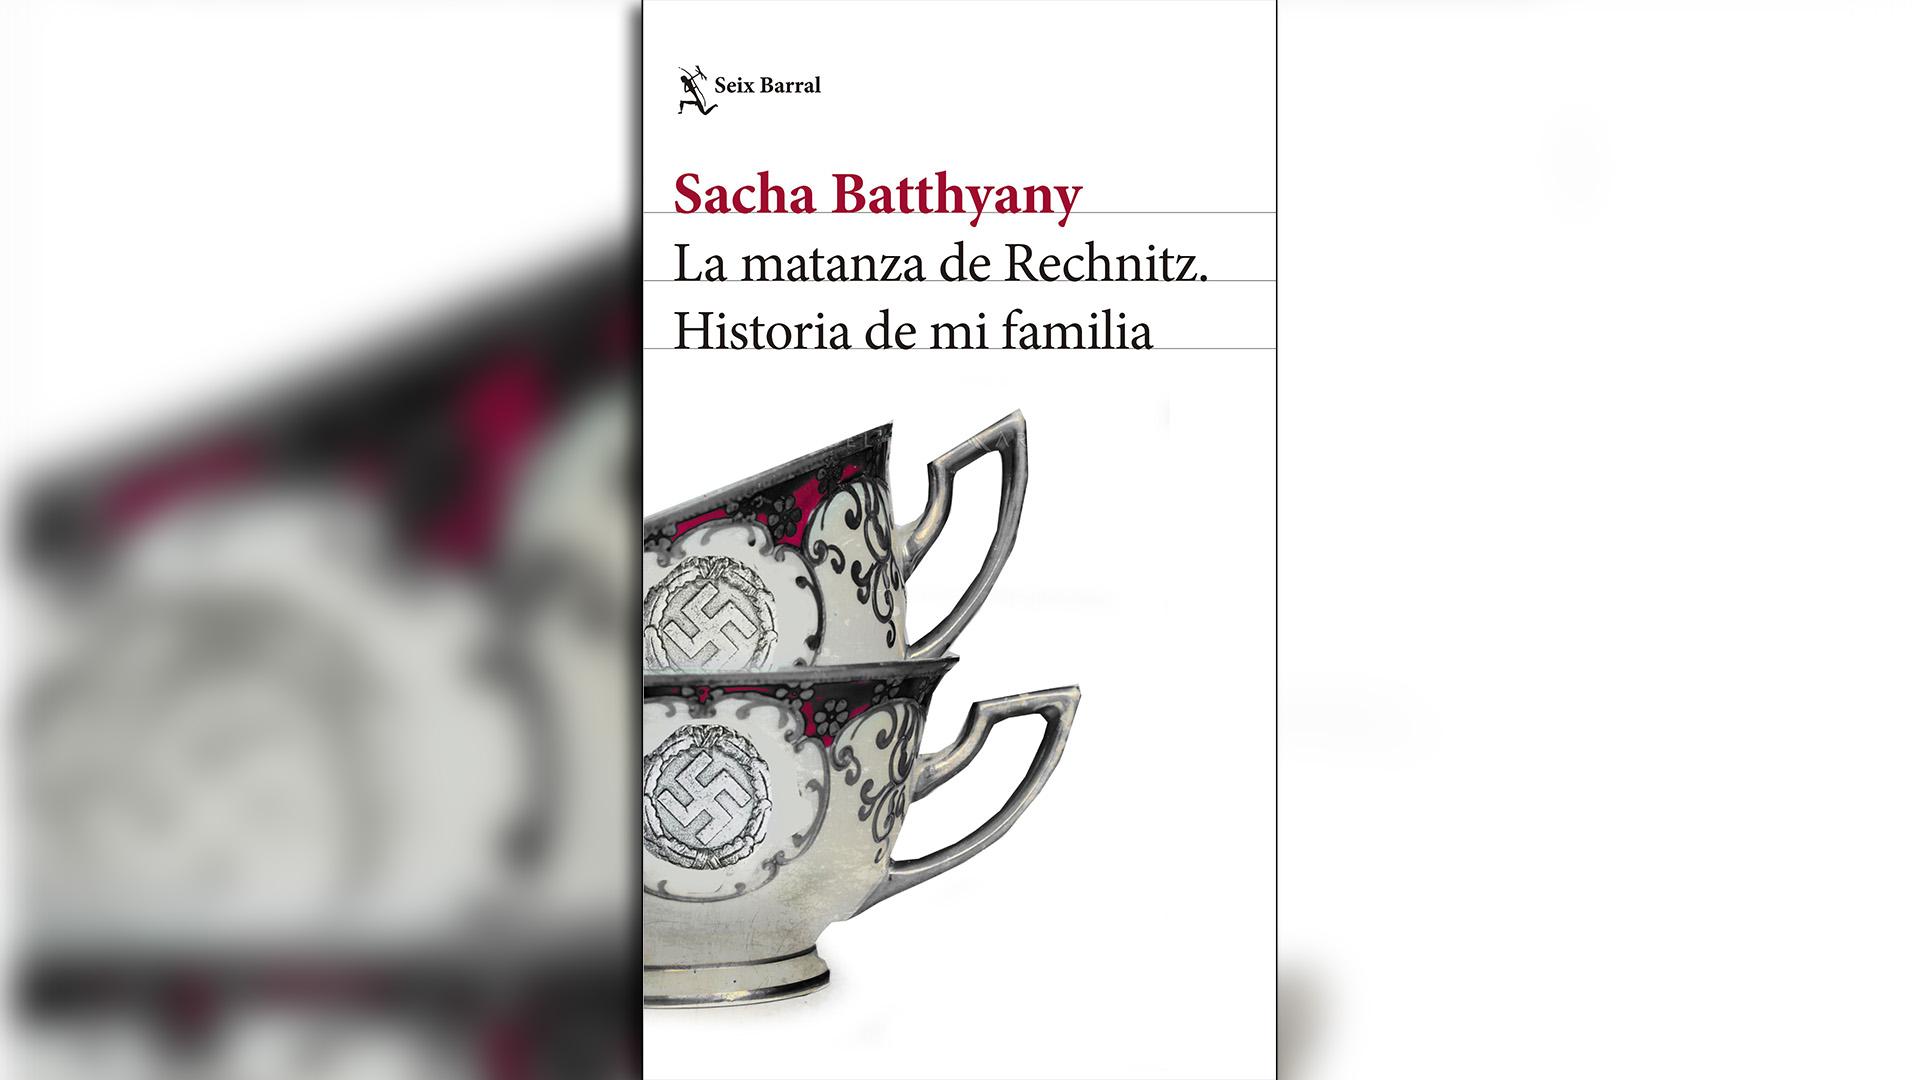 La matanza de Rechnitz, Sacha Batthyany, Seix Barral